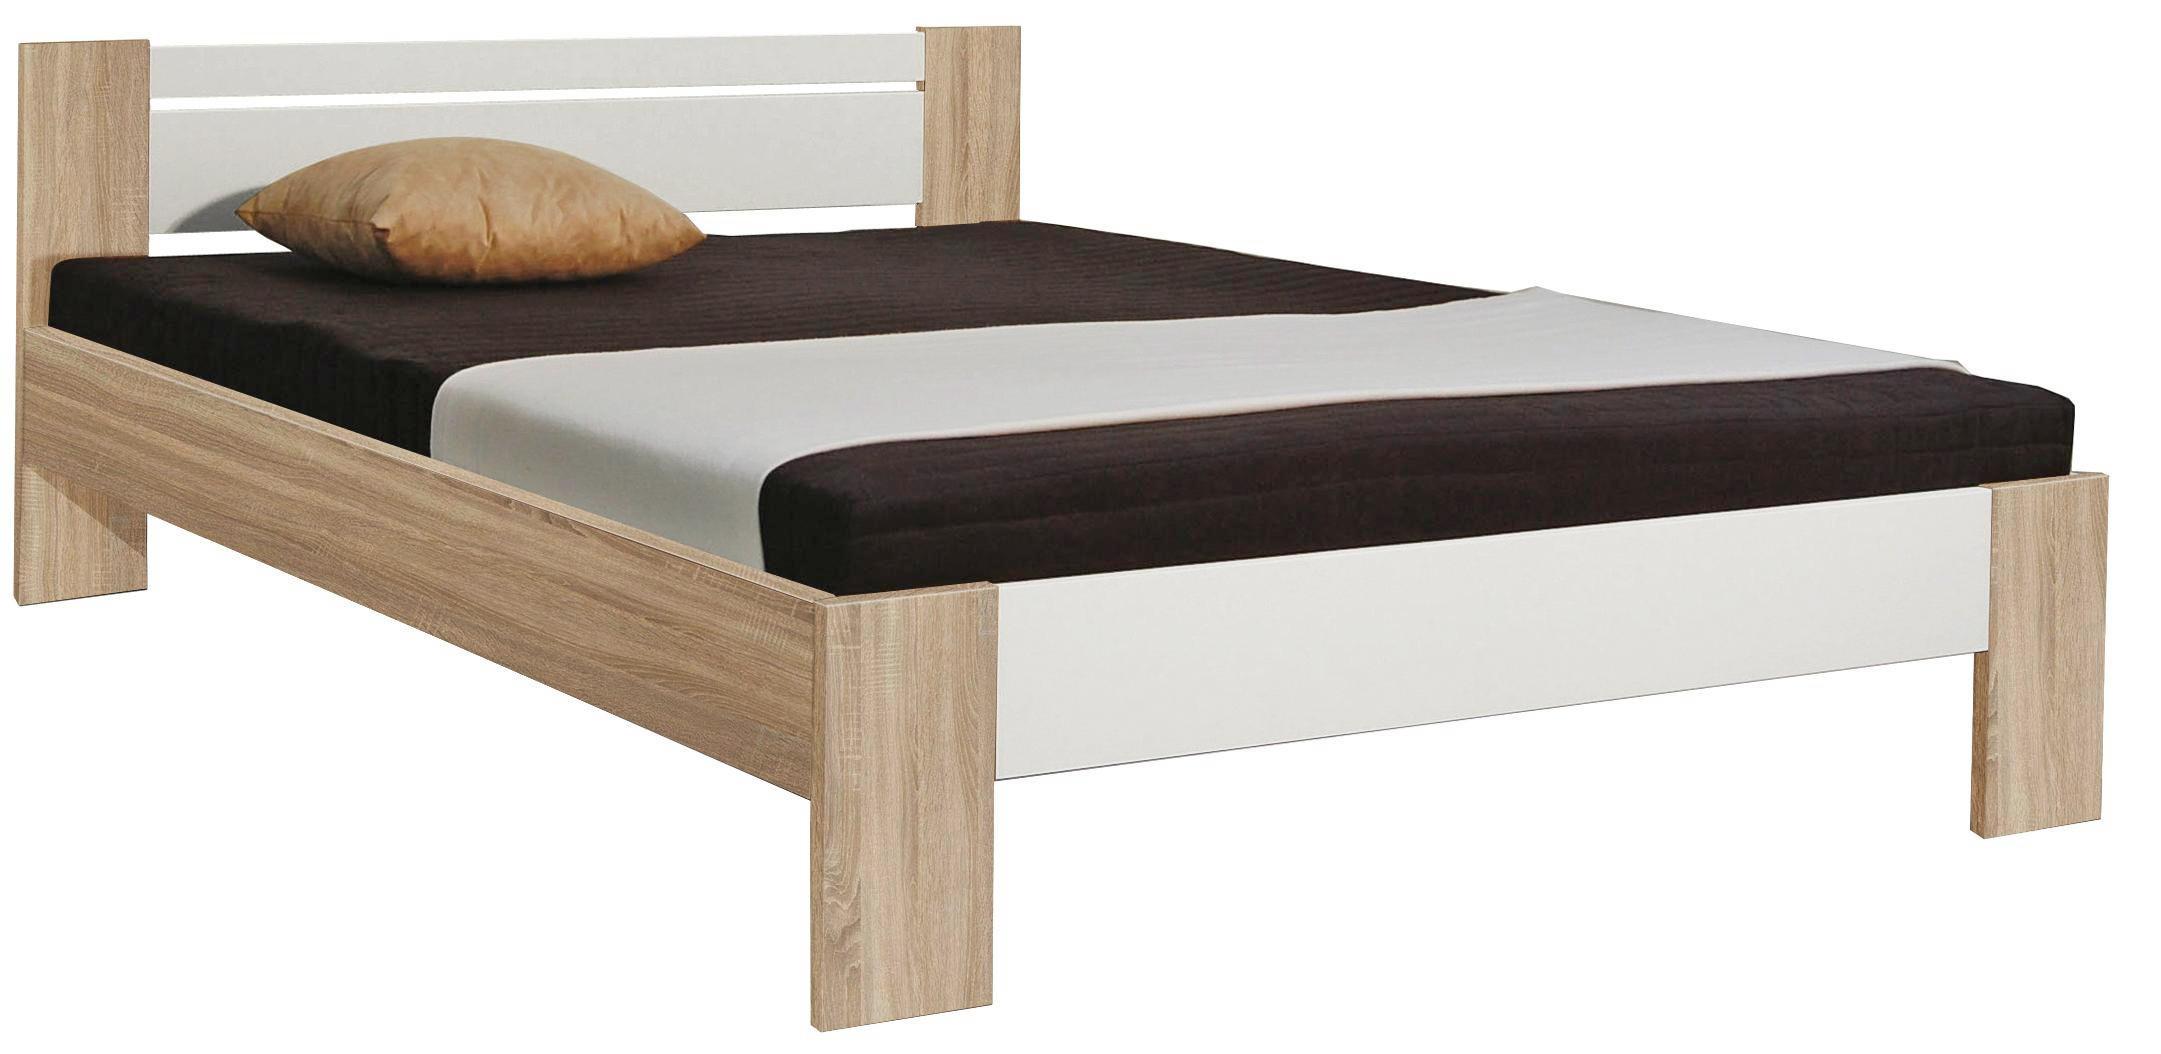 Gnstige Futonbetten. Betten Entdecken Mmax With Gnstige Futonbetten ...